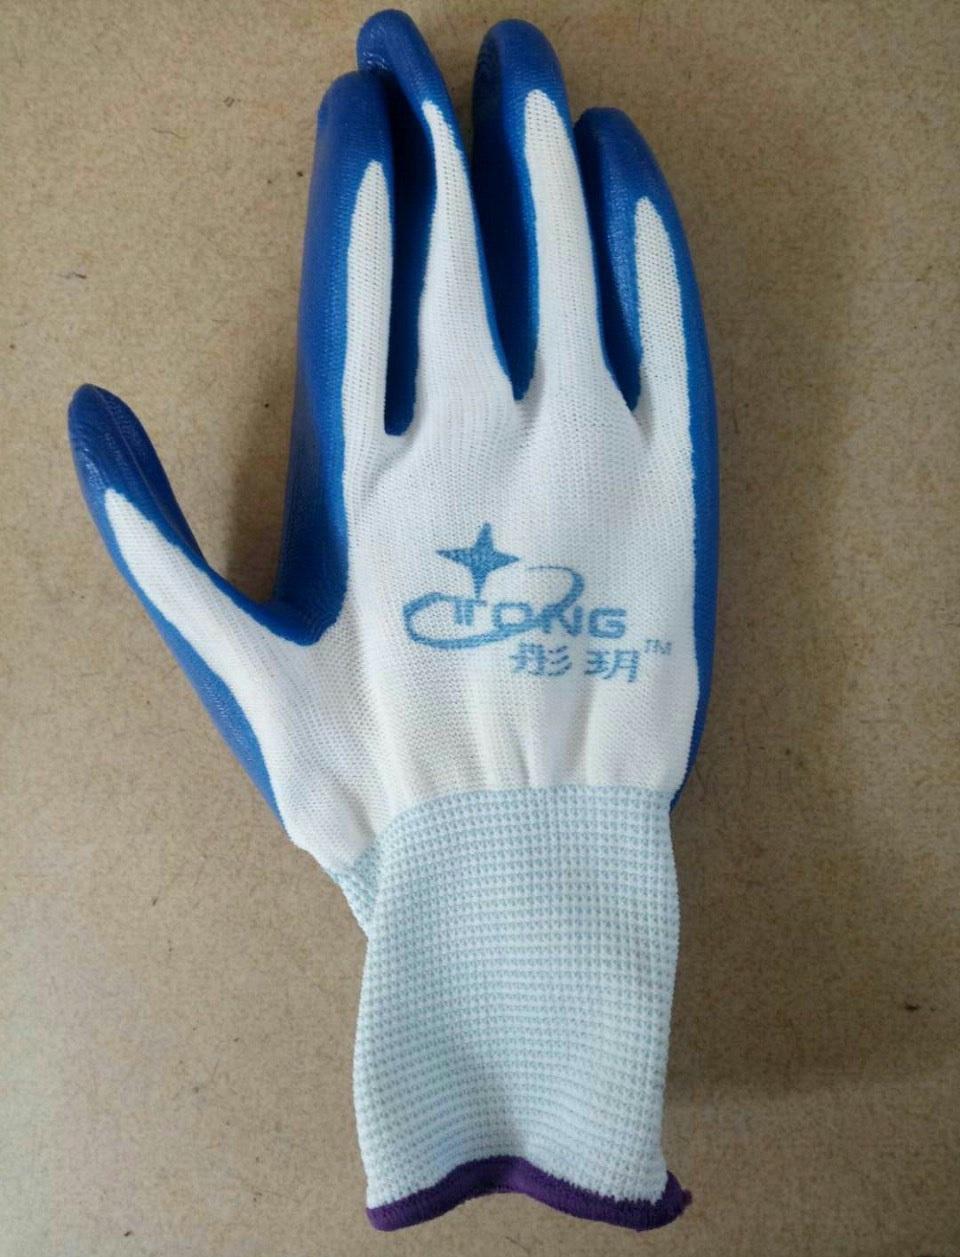 Găng tay phủ nhựa xanh